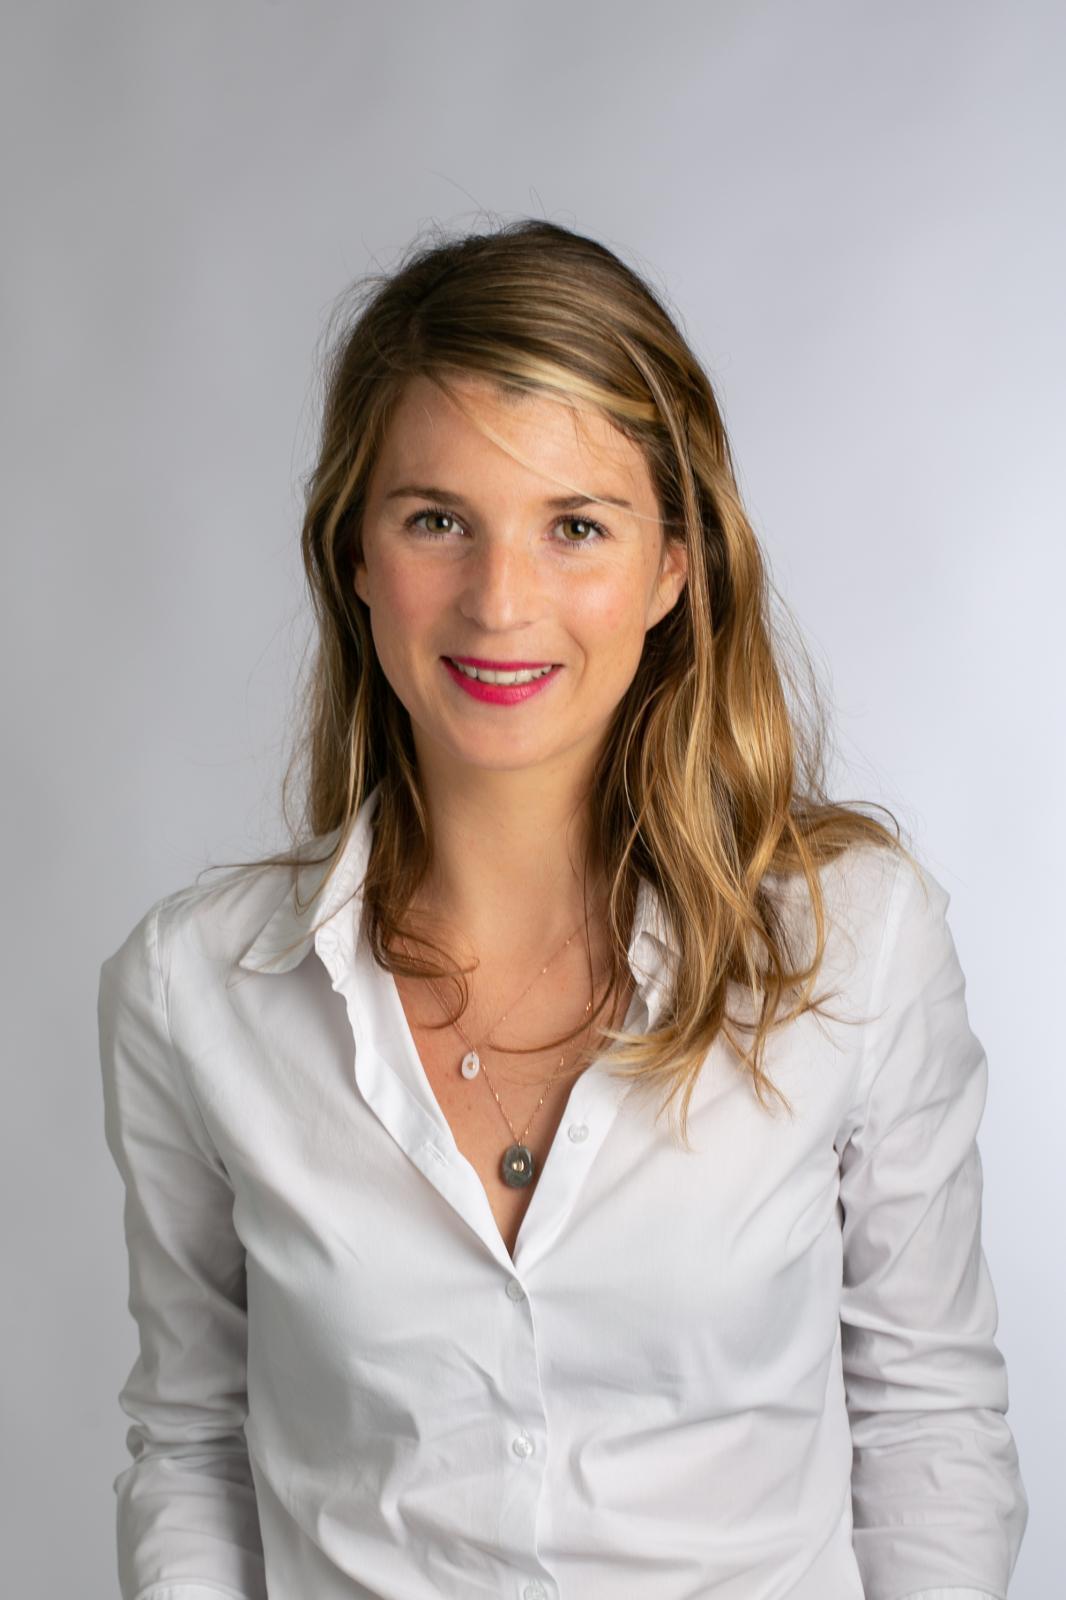 Marion Ricoeur